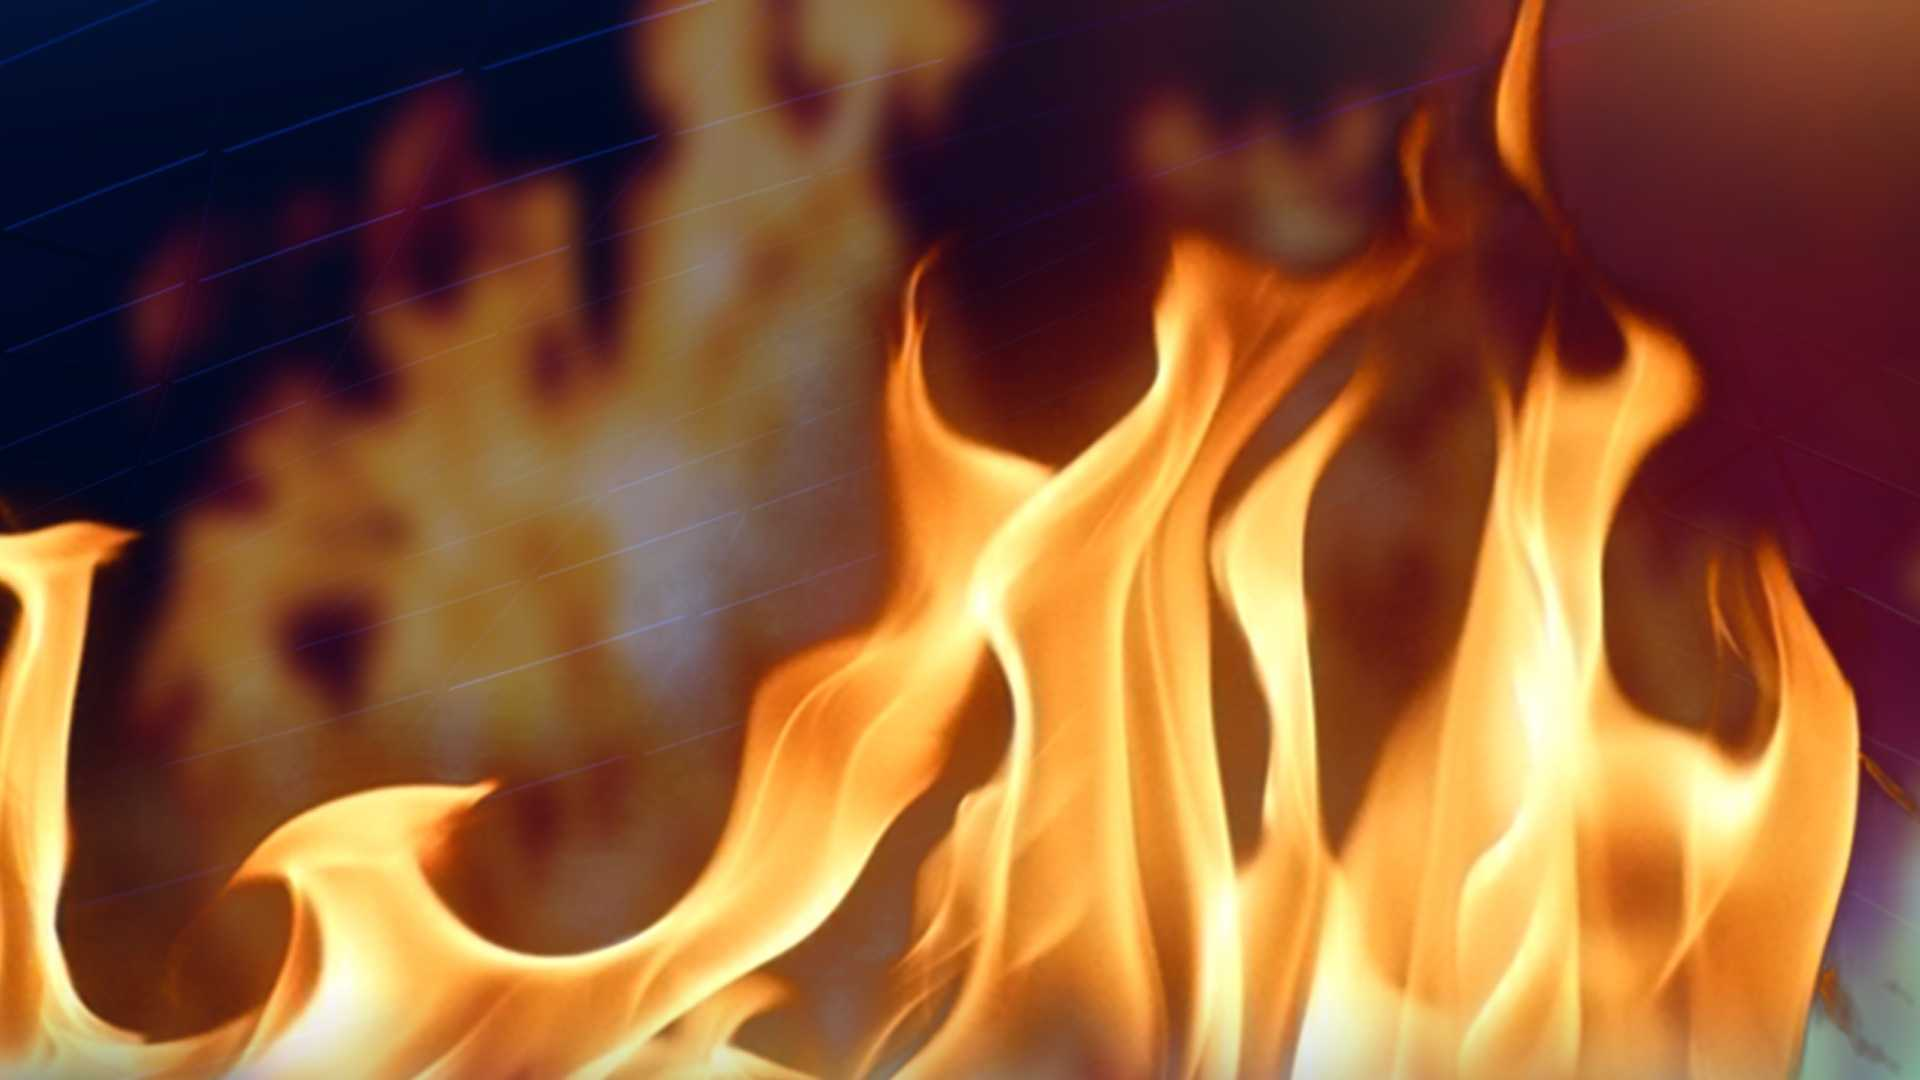 Gorham fire